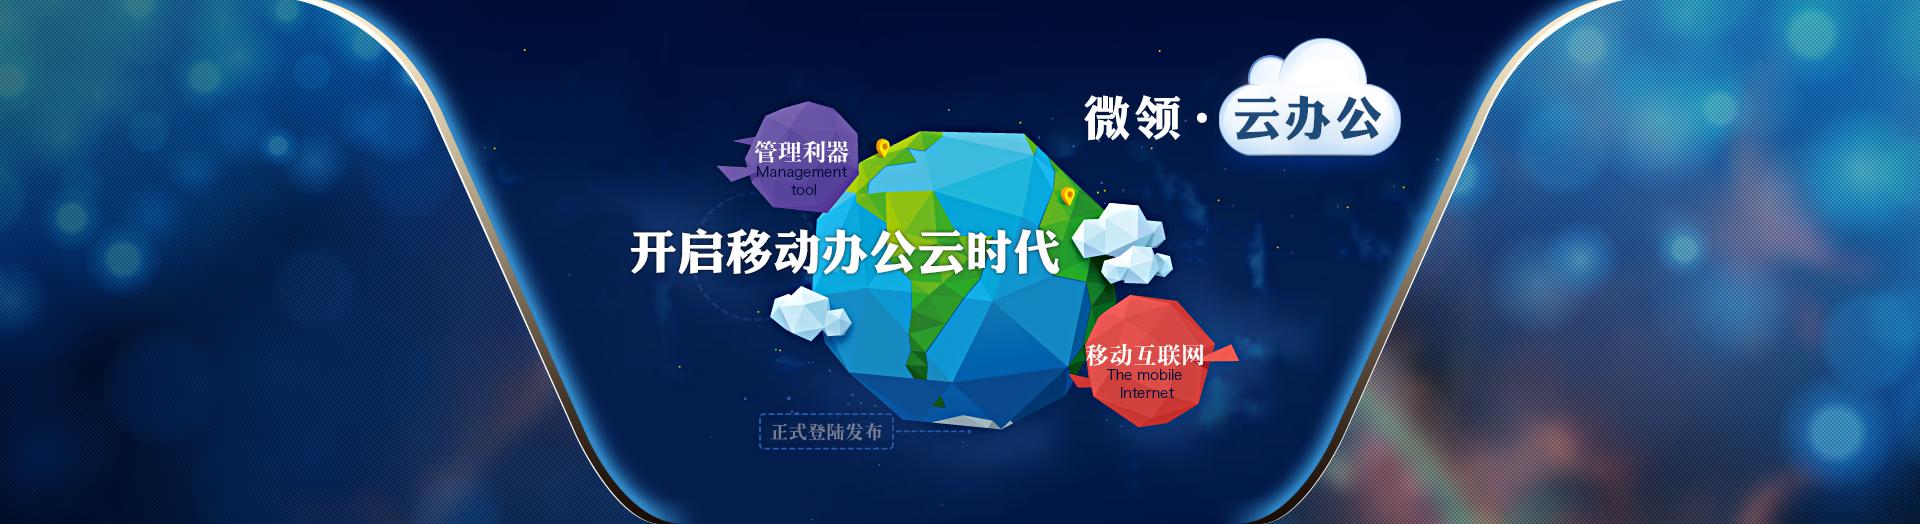 e世博app云办公,企业移动办公平台